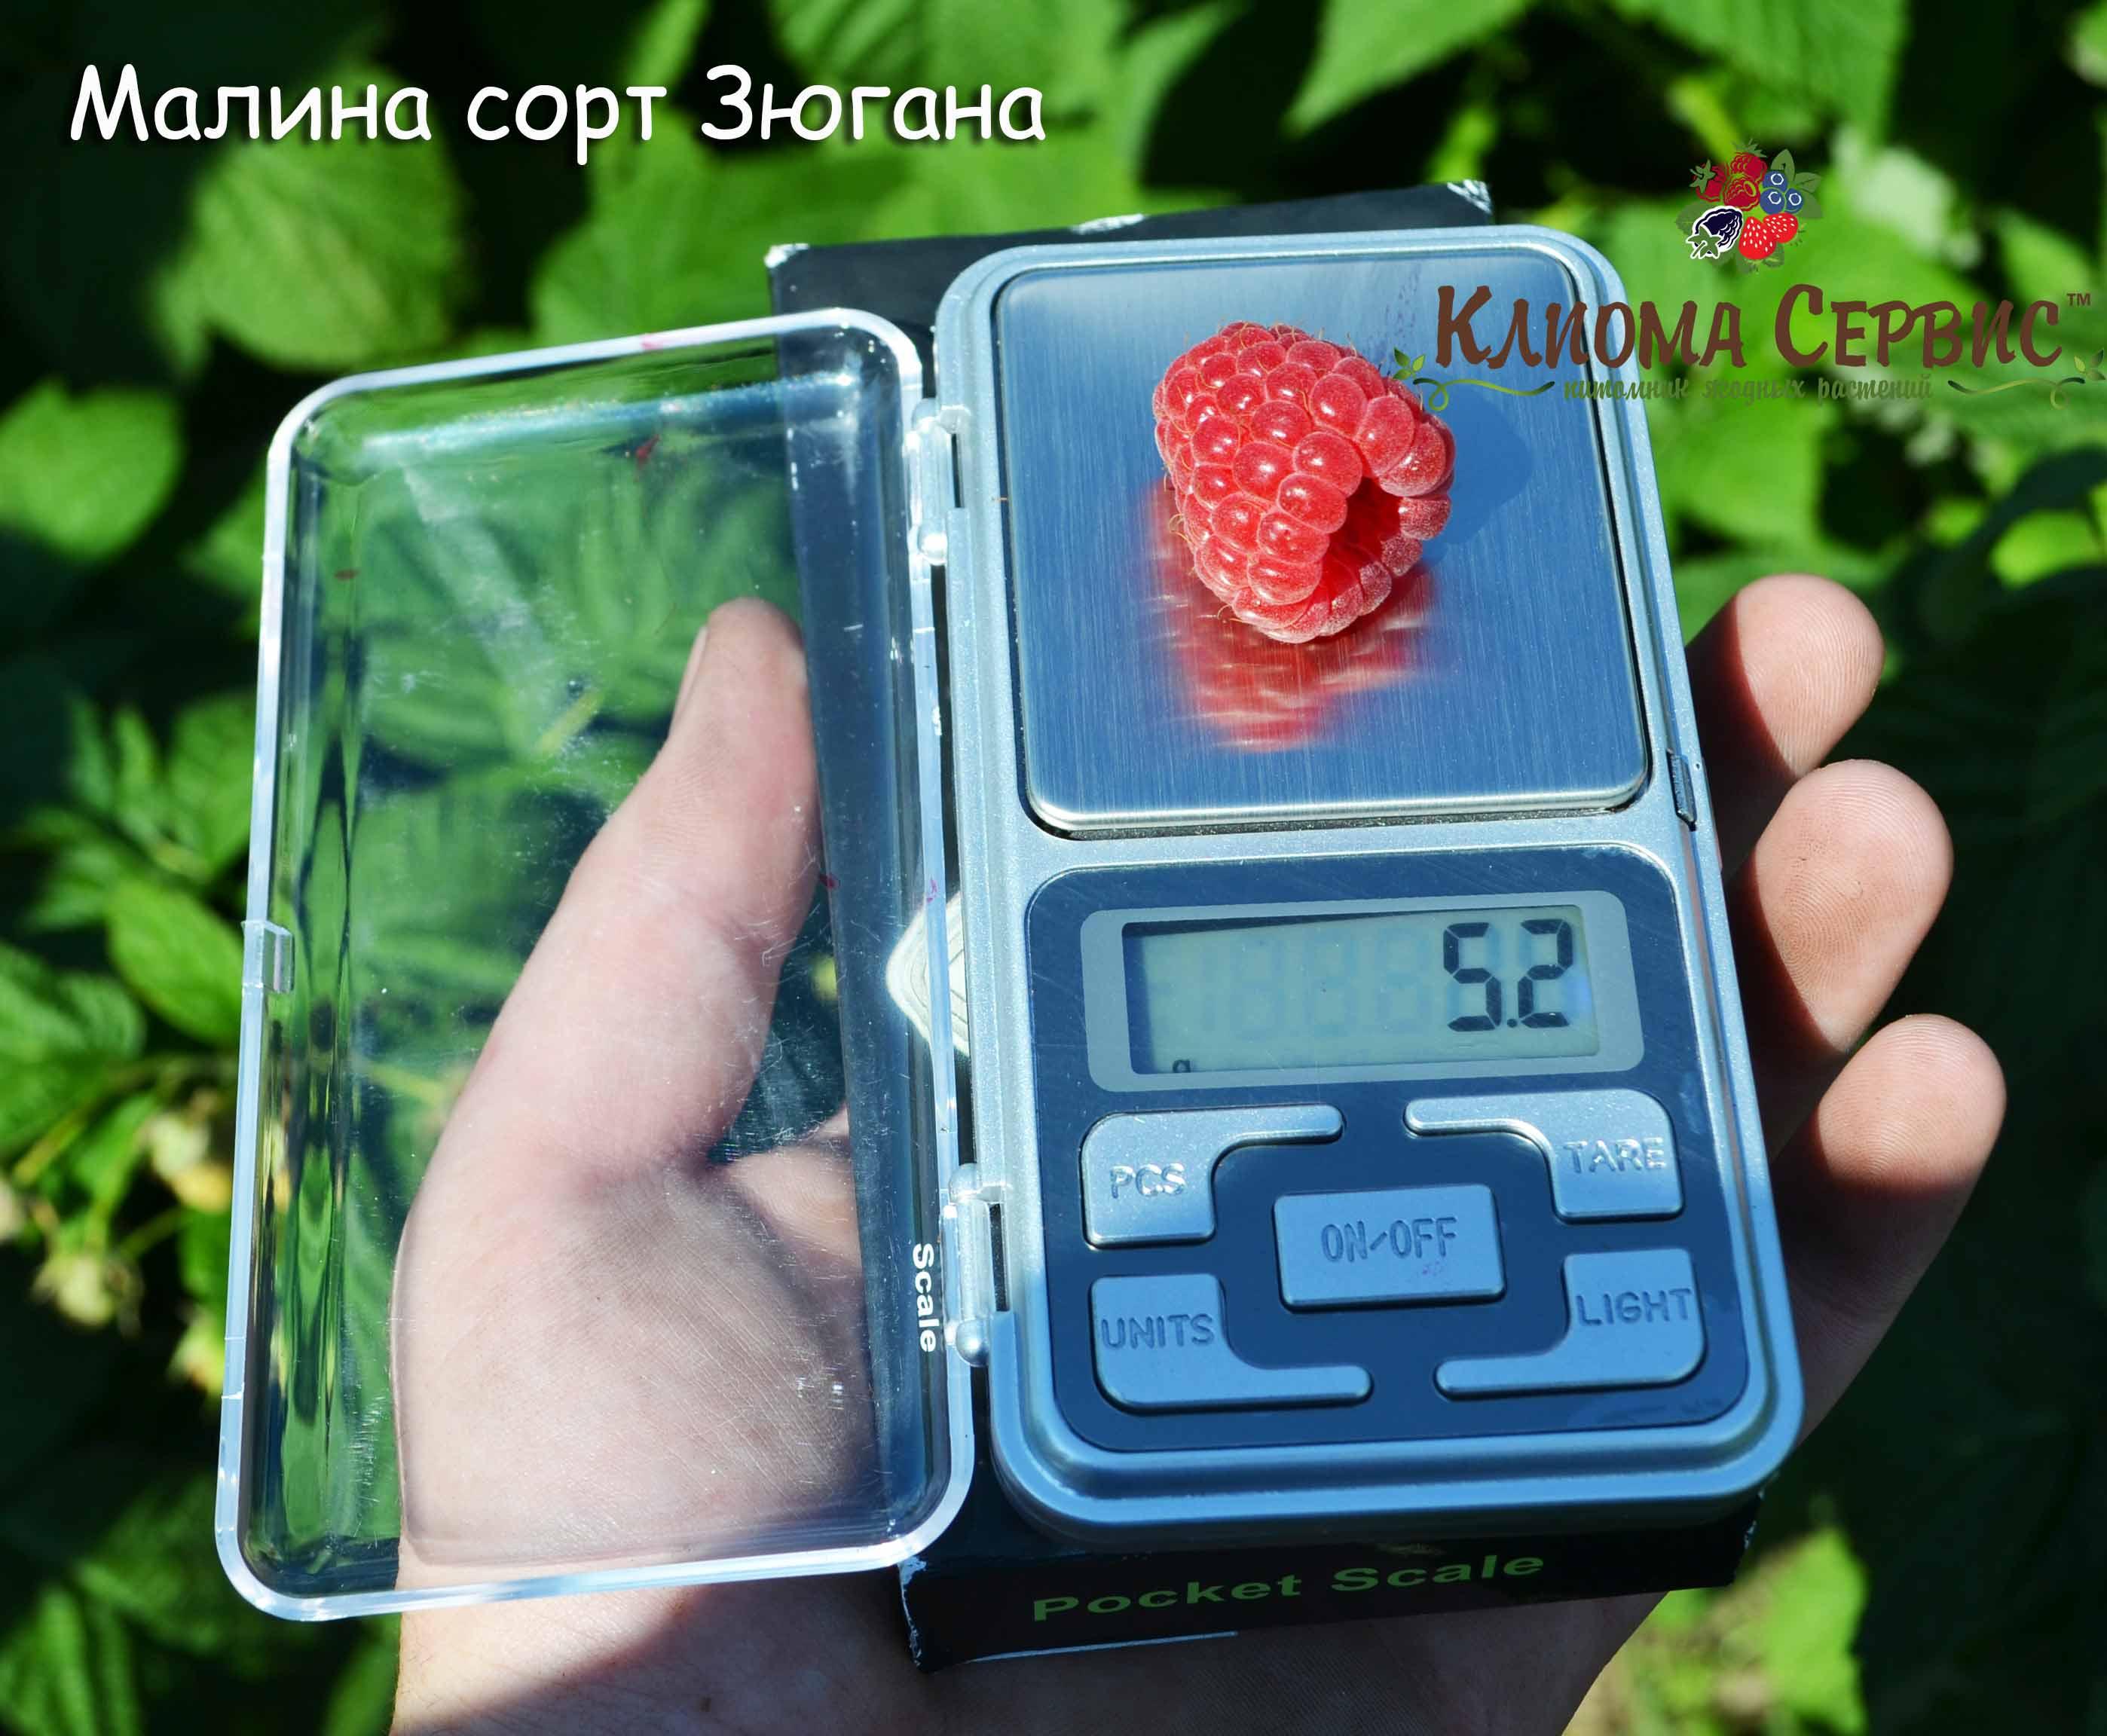 малина зюгана, купить саженцы малины сорт Зюгана, ягода малины зюгана